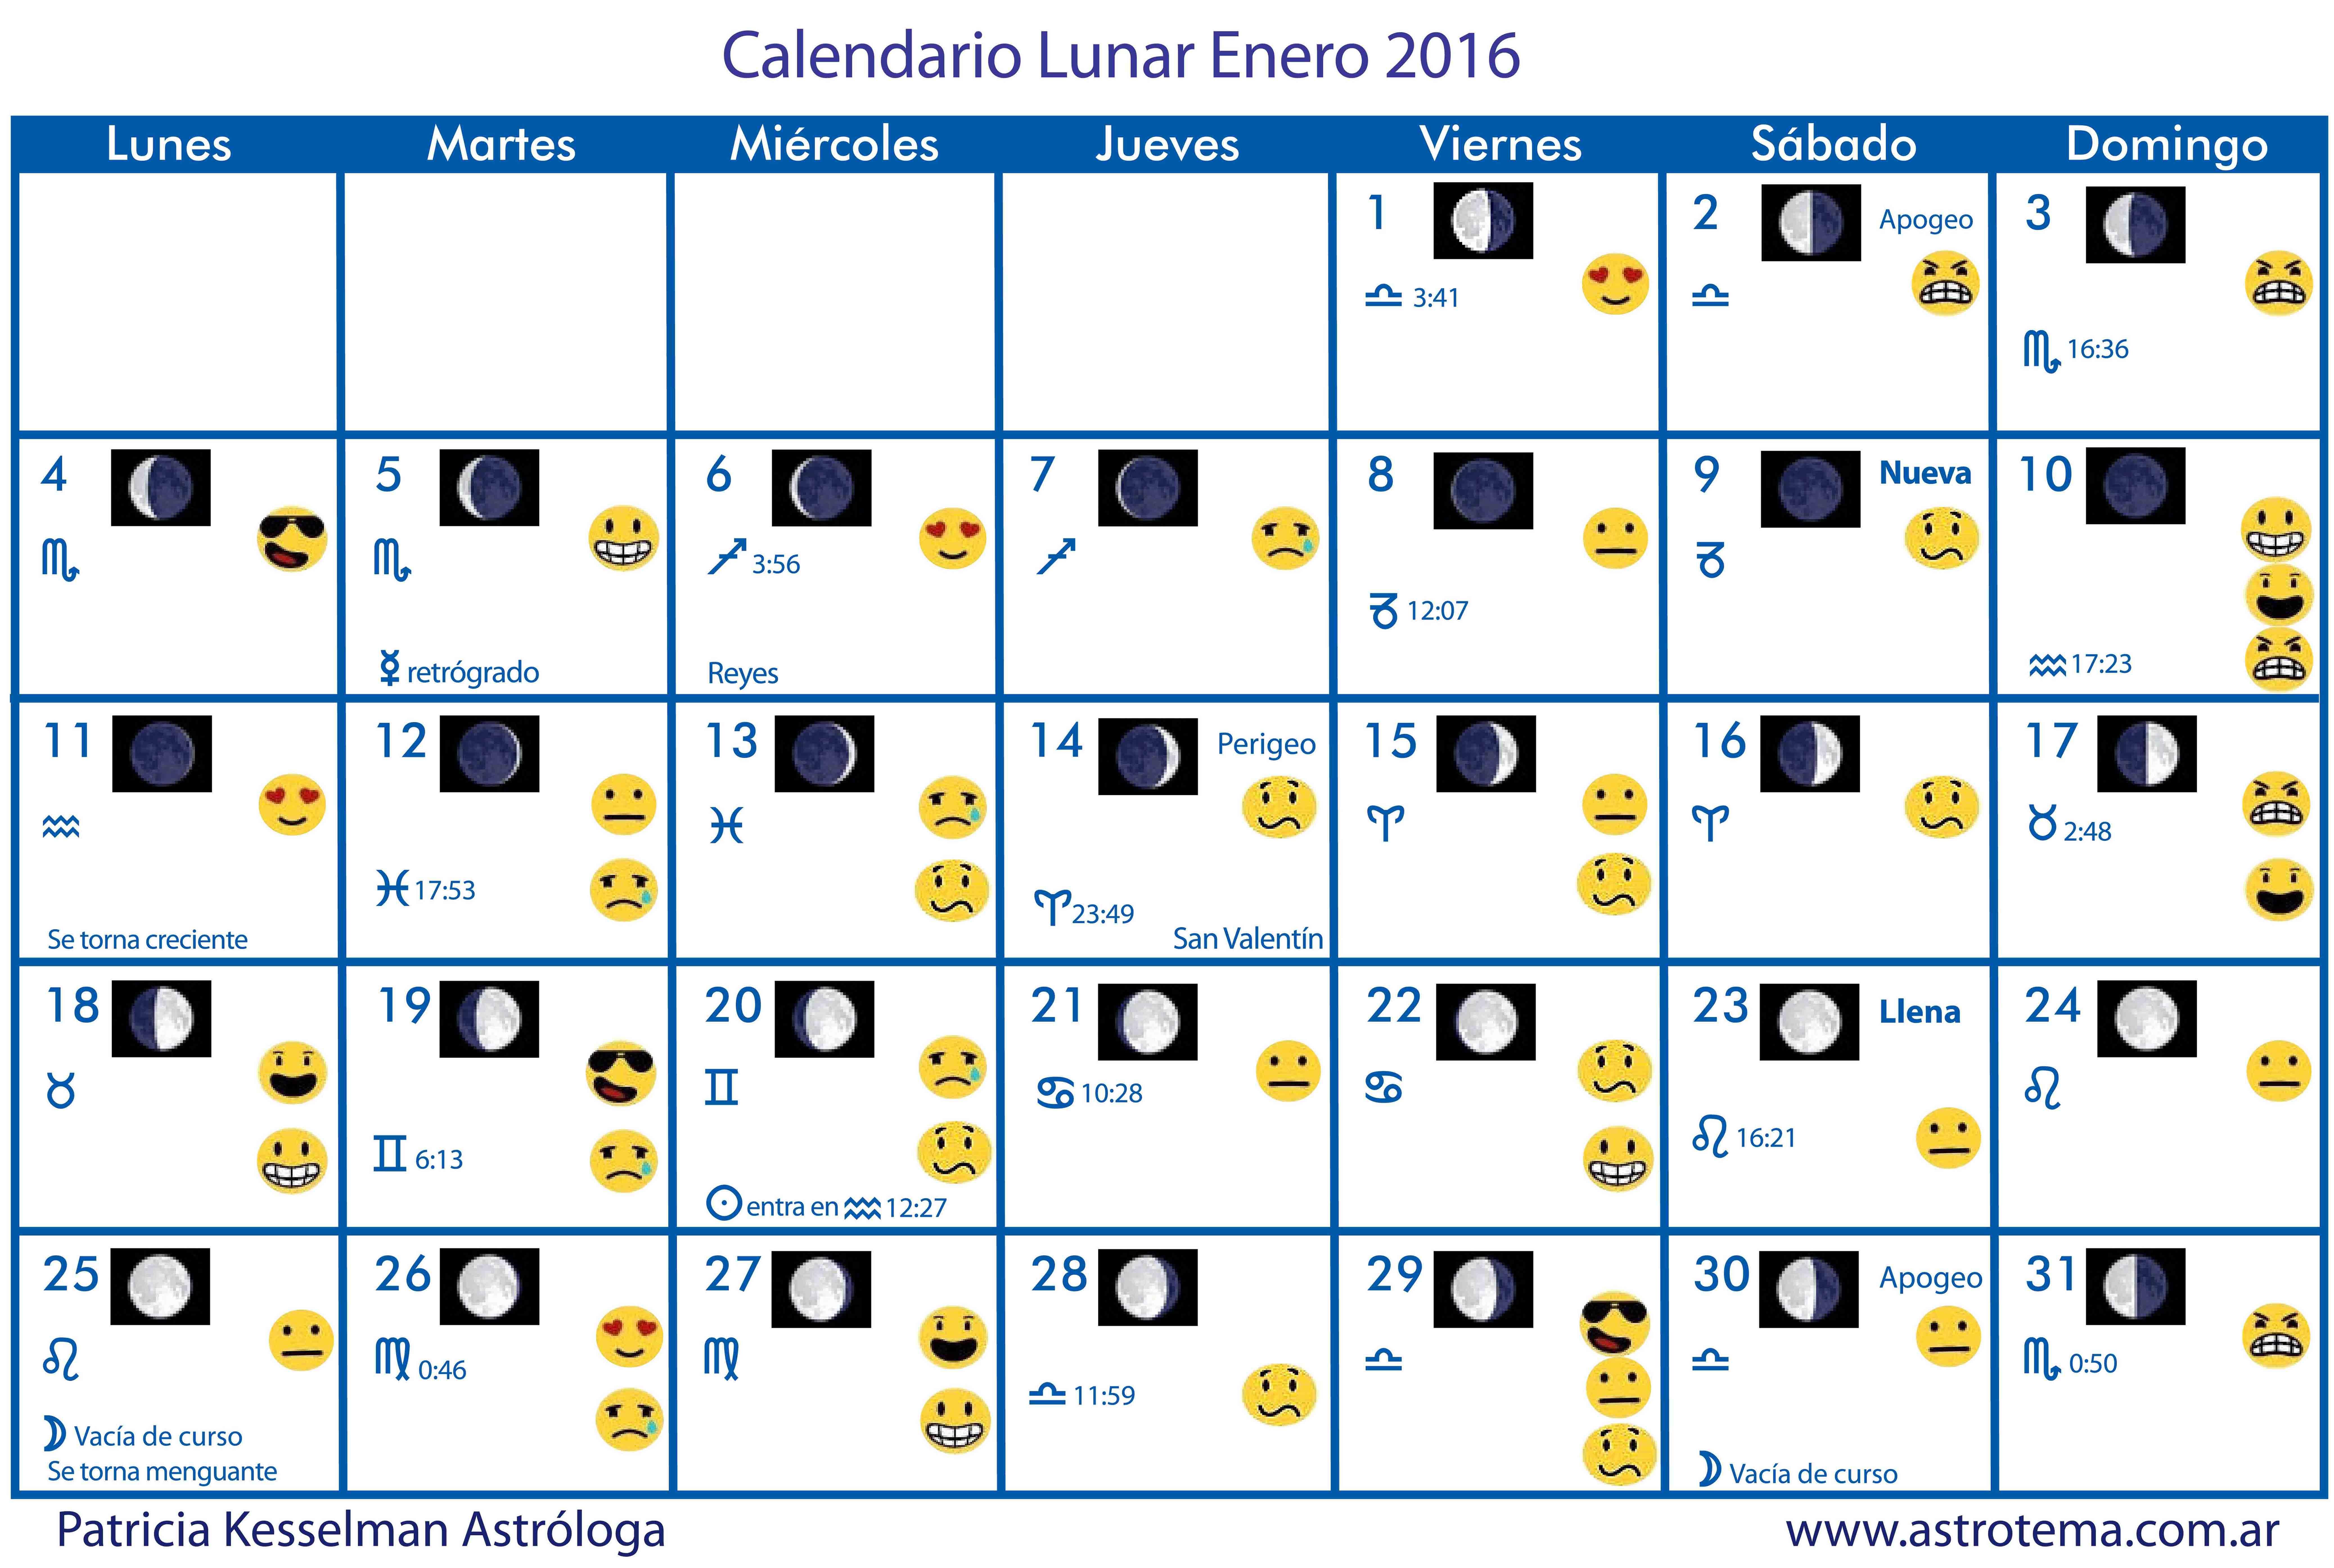 Calendario lunar enero 2016 patricia kesselman for Almanaque de la luna